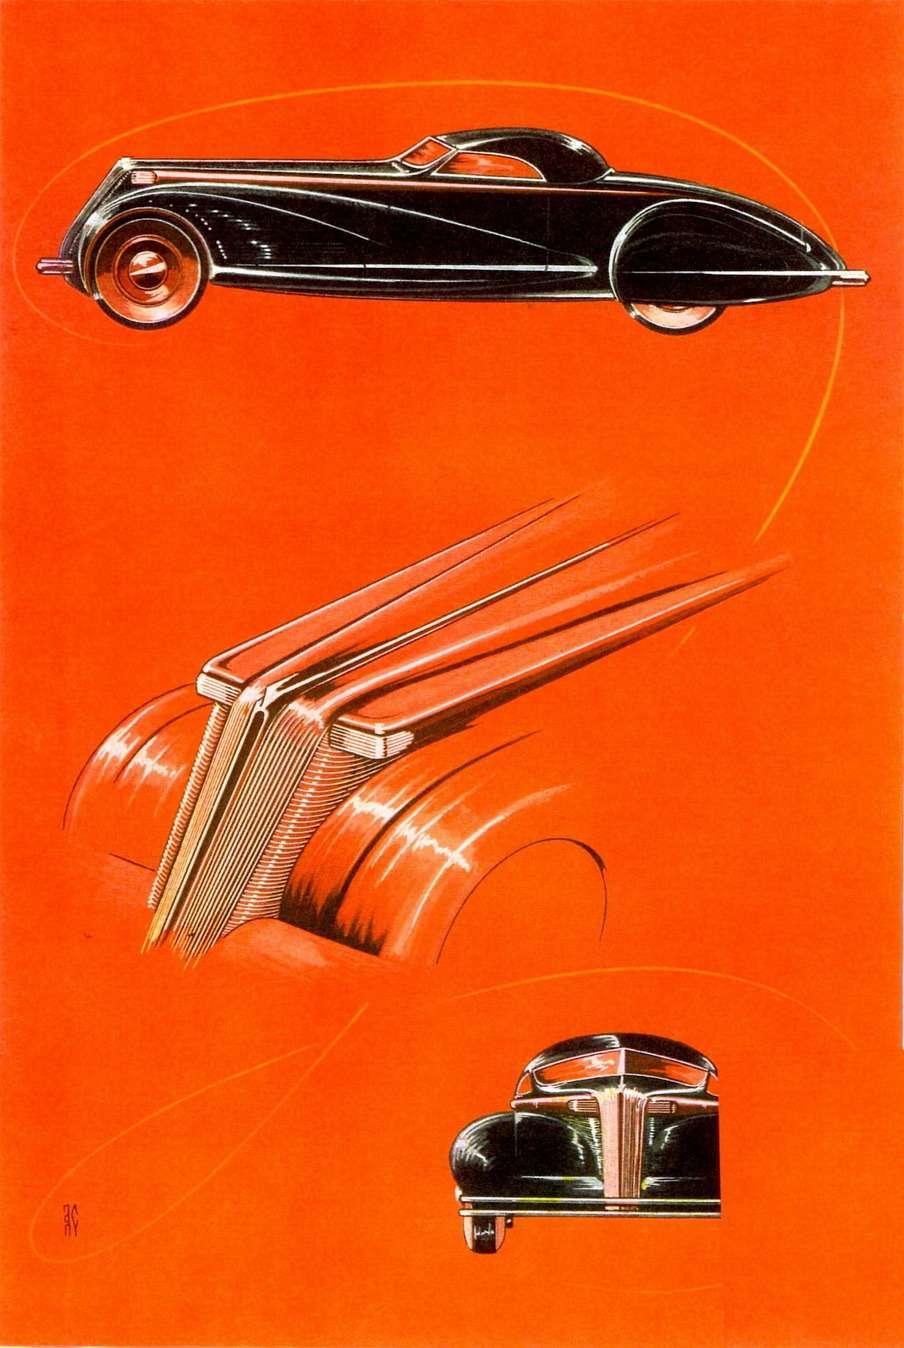 С января 1934 года Алексис деСахновски возникает втитуле мужского журнала Esquire вкачестве ведущего раздела техники имеханизмов. Оннасыщает журнал иллюстрациями настоящих ивымышленных автомобилей